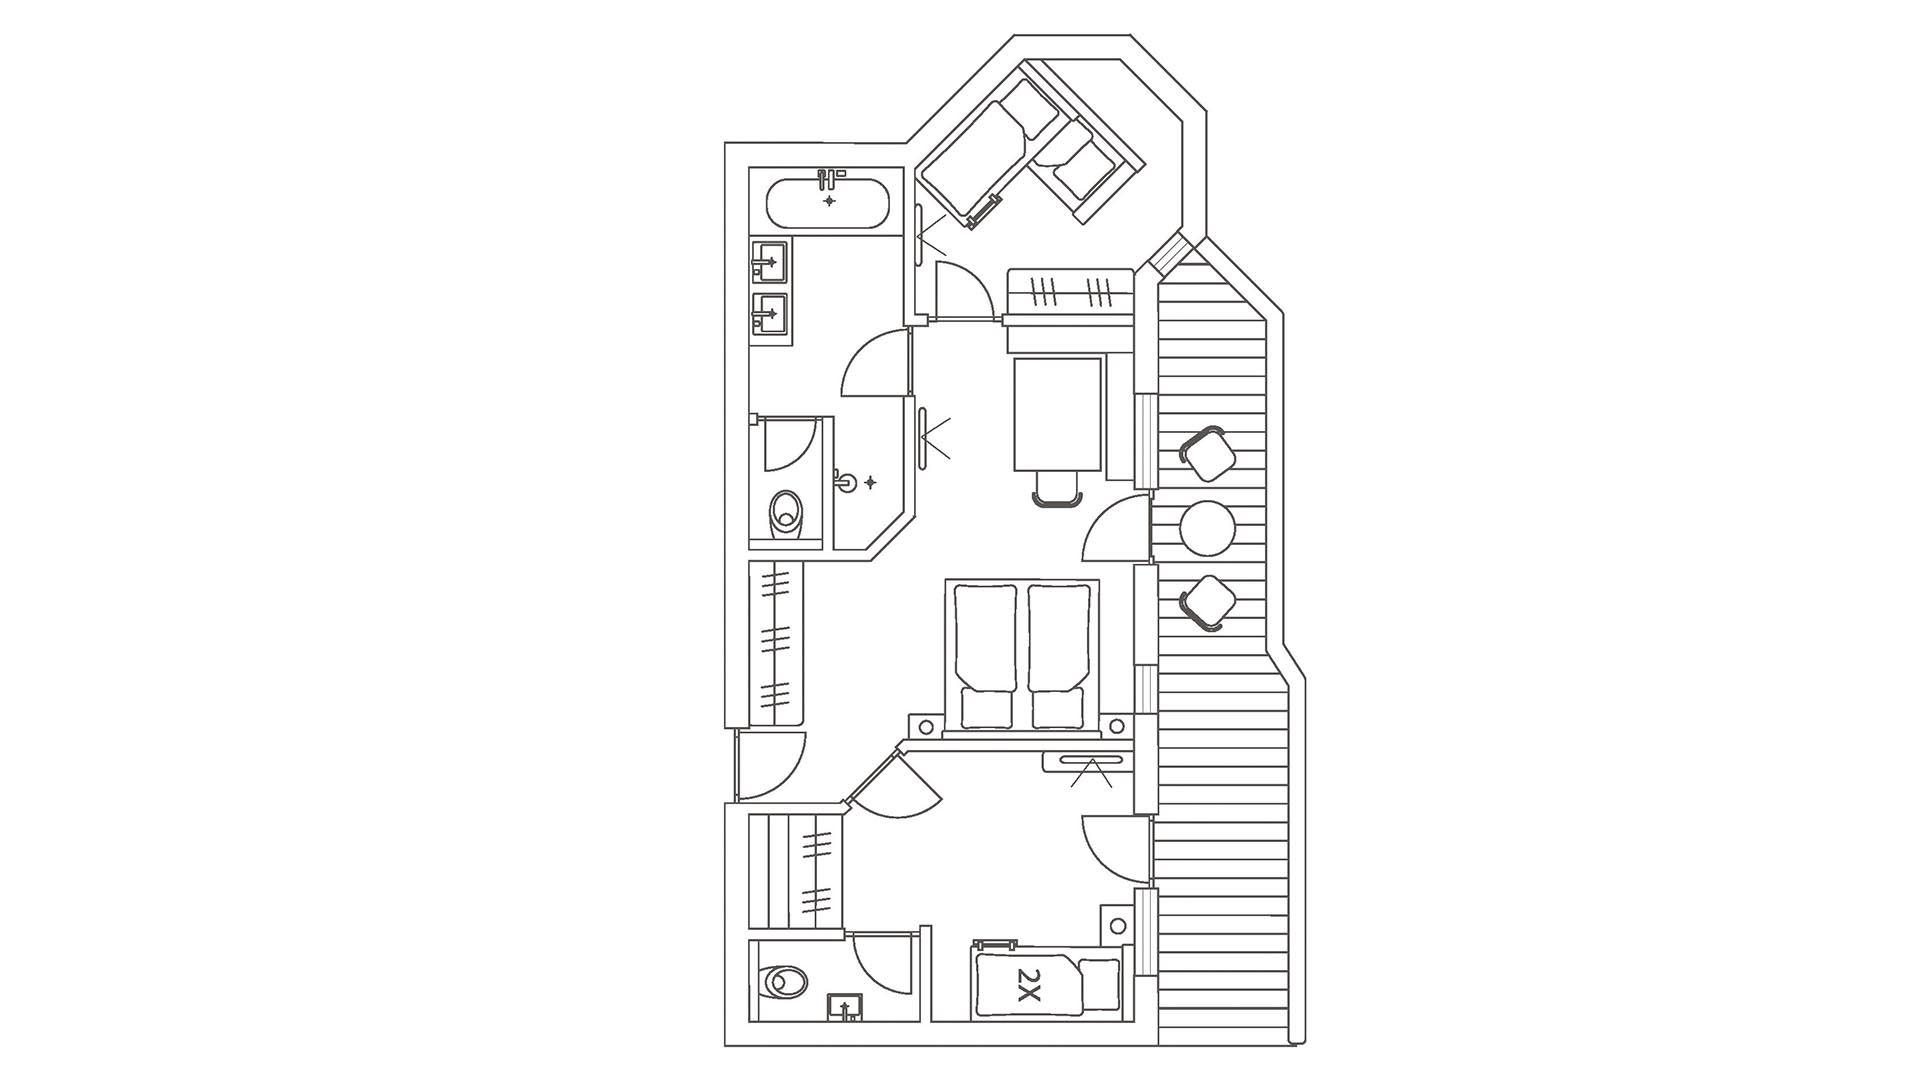 7_Doppelzimmer-STERN-35qm_0035_GR_Suite_Felix.jpg